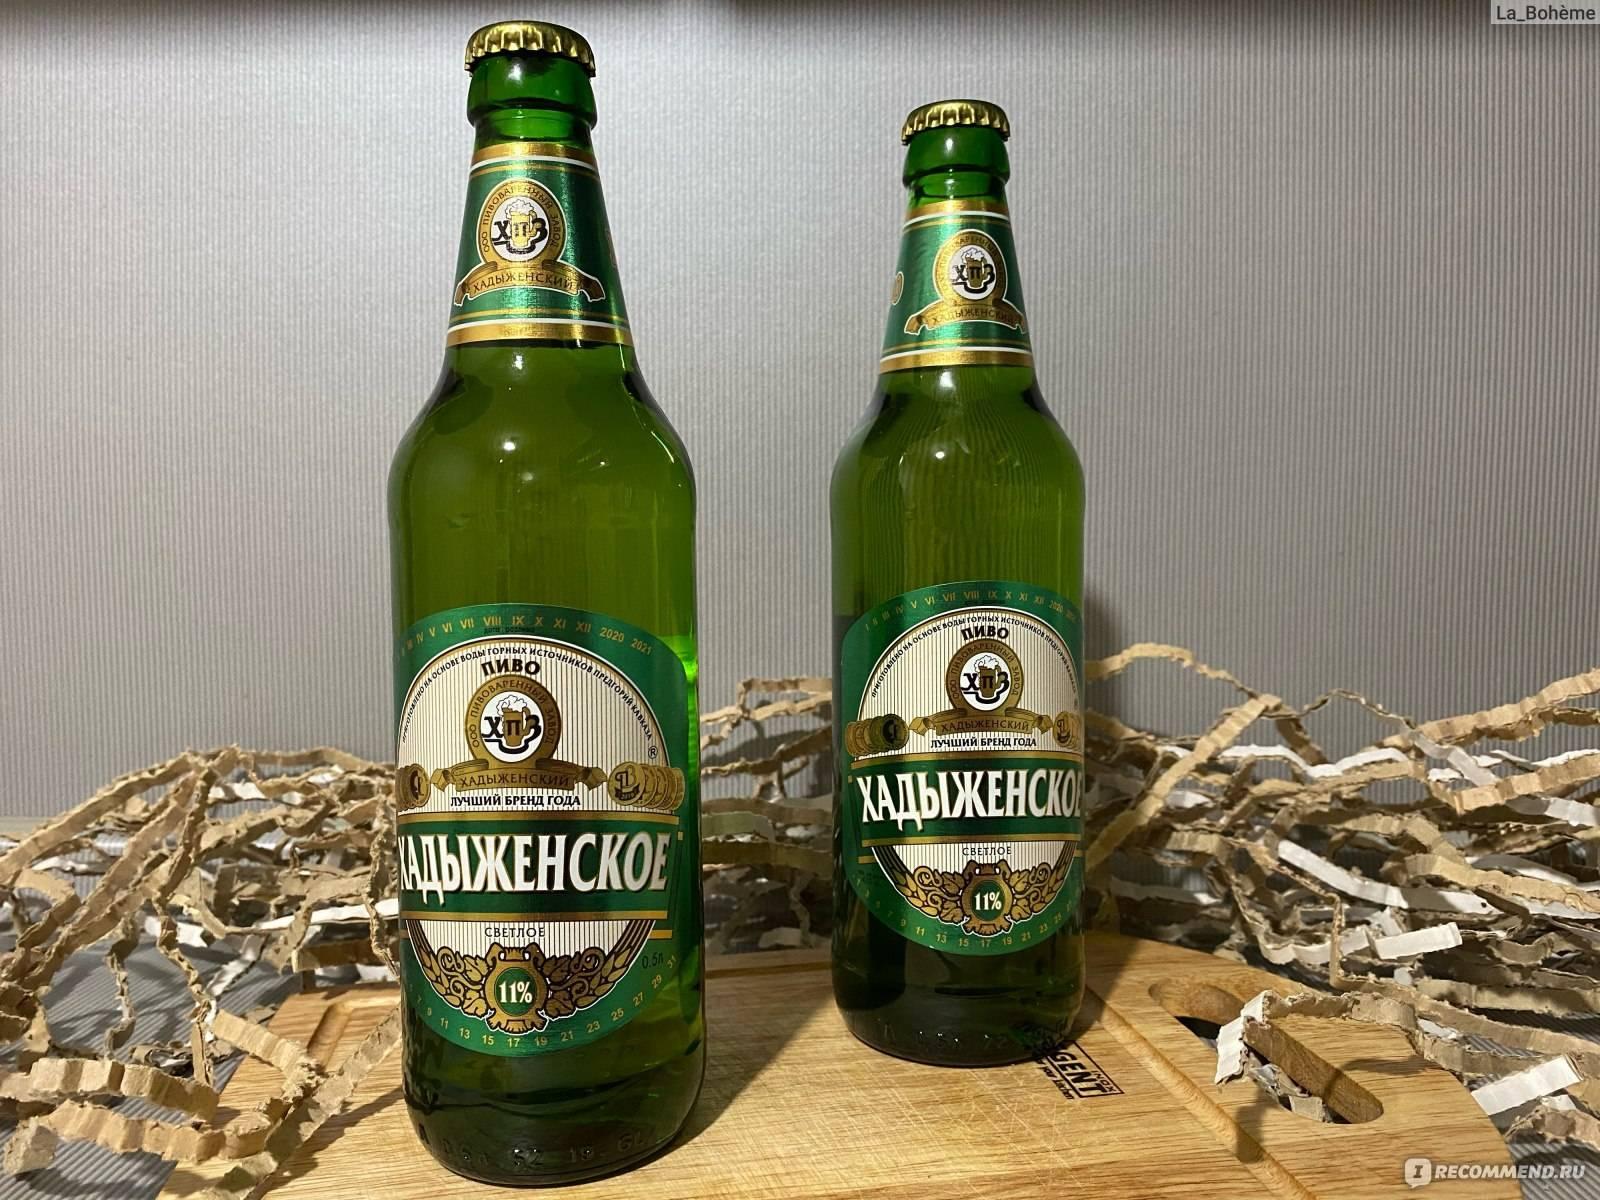 Пиво хадыженское | федеральный реестр алкогольной продукции | реестринформ 2020